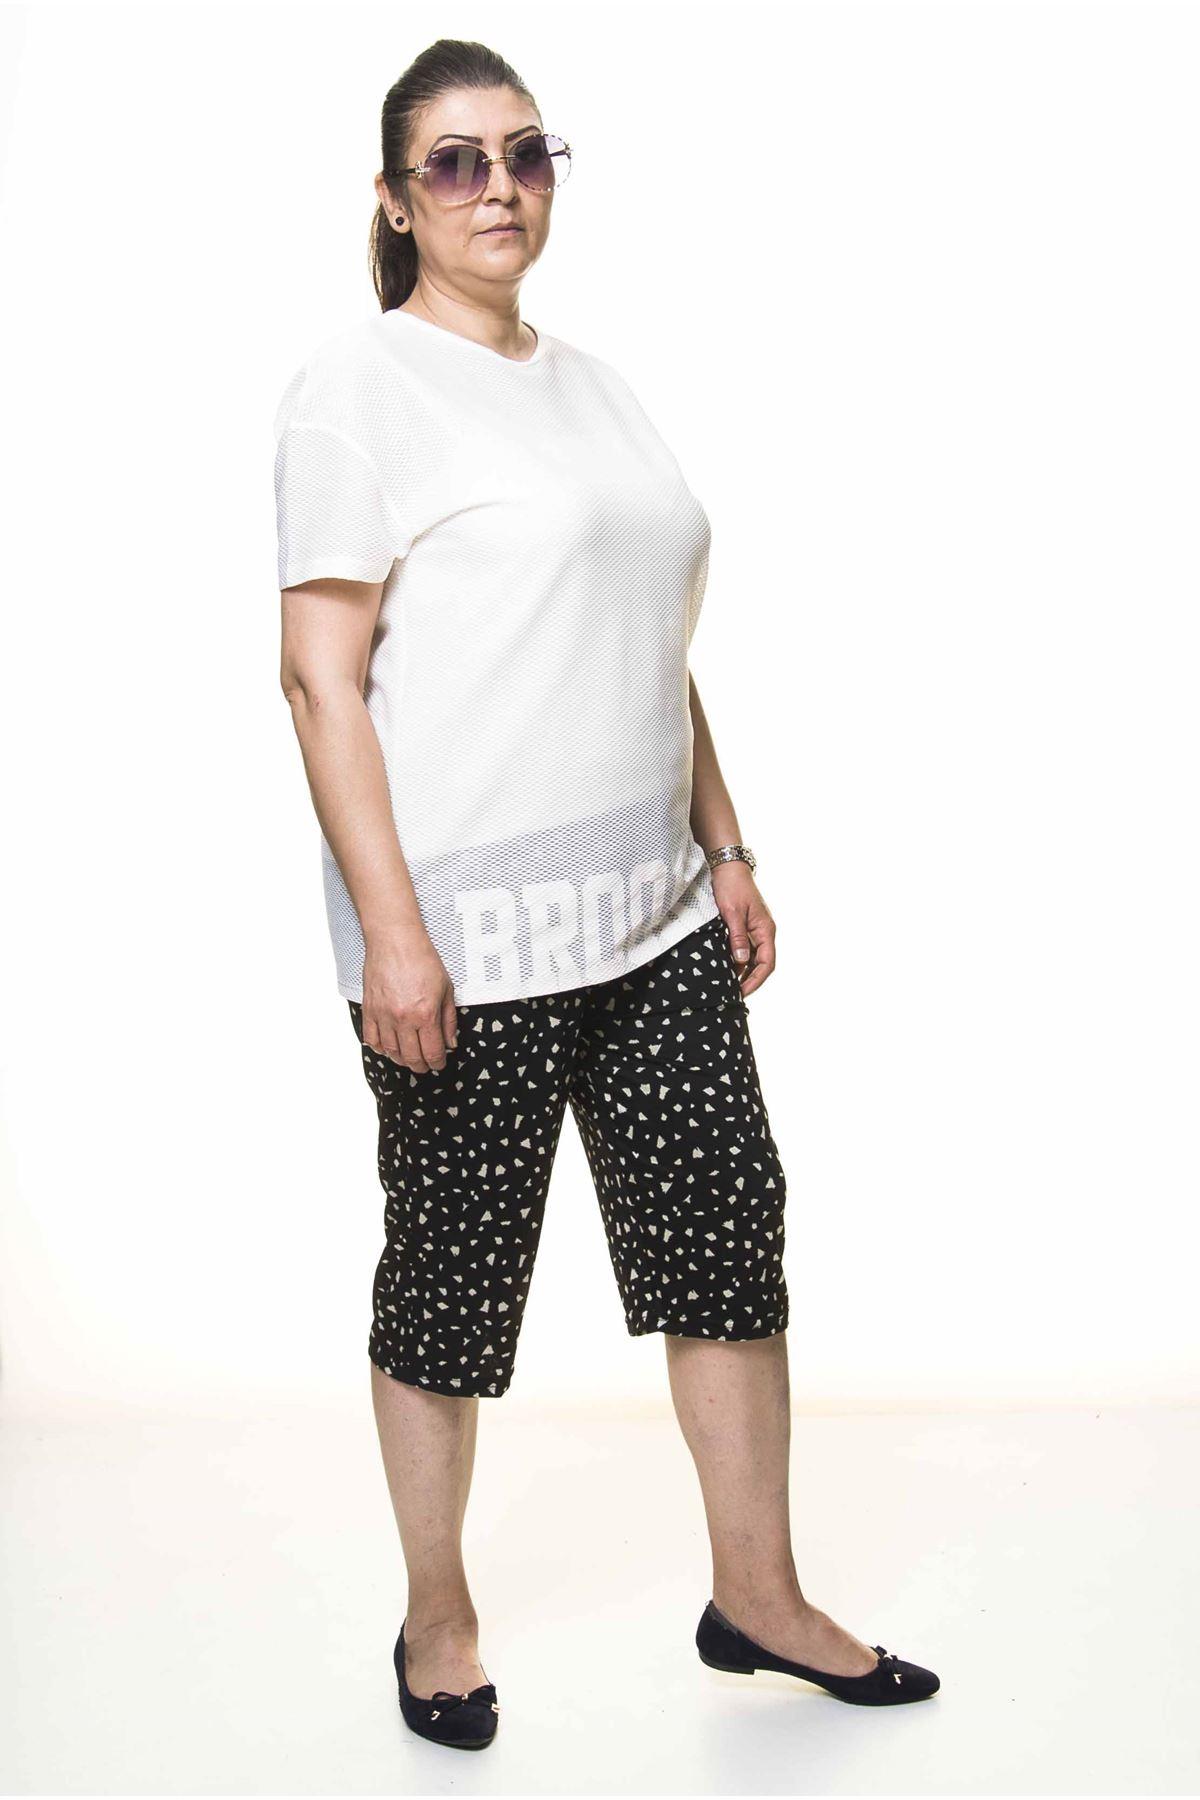 Kadın Büyük Beden Siyah Yazlık Kapri Pantolon 6C-4003